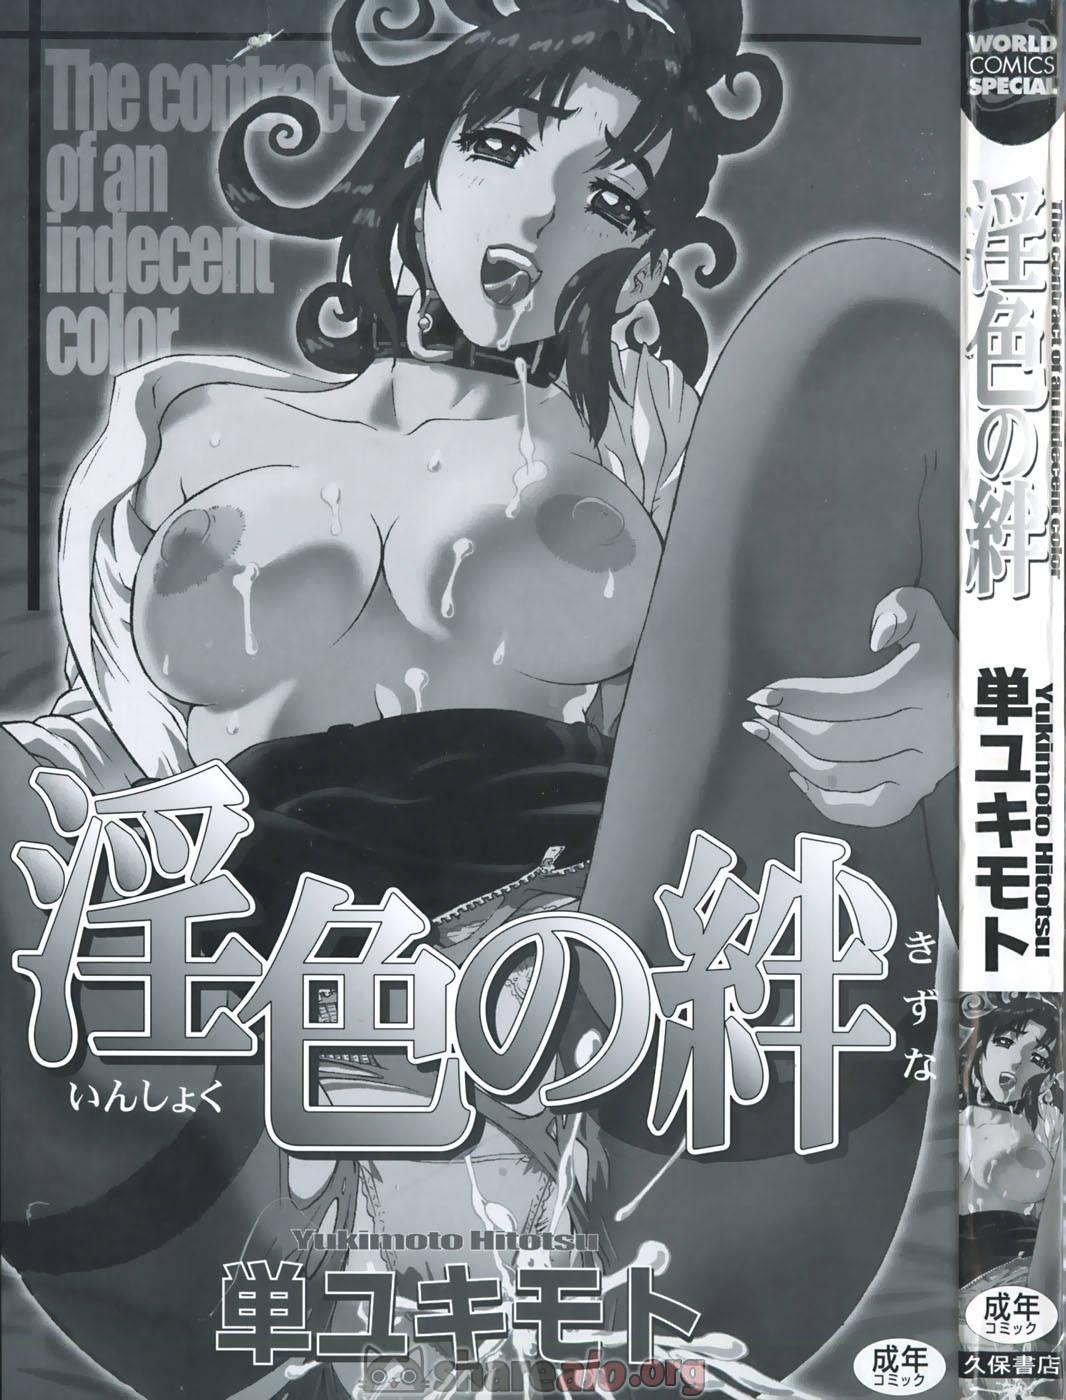 [ Inshoku no Kizuna Manga Hentai ]: Comics Porno Manga Hentai [ hnbfvpNM ]